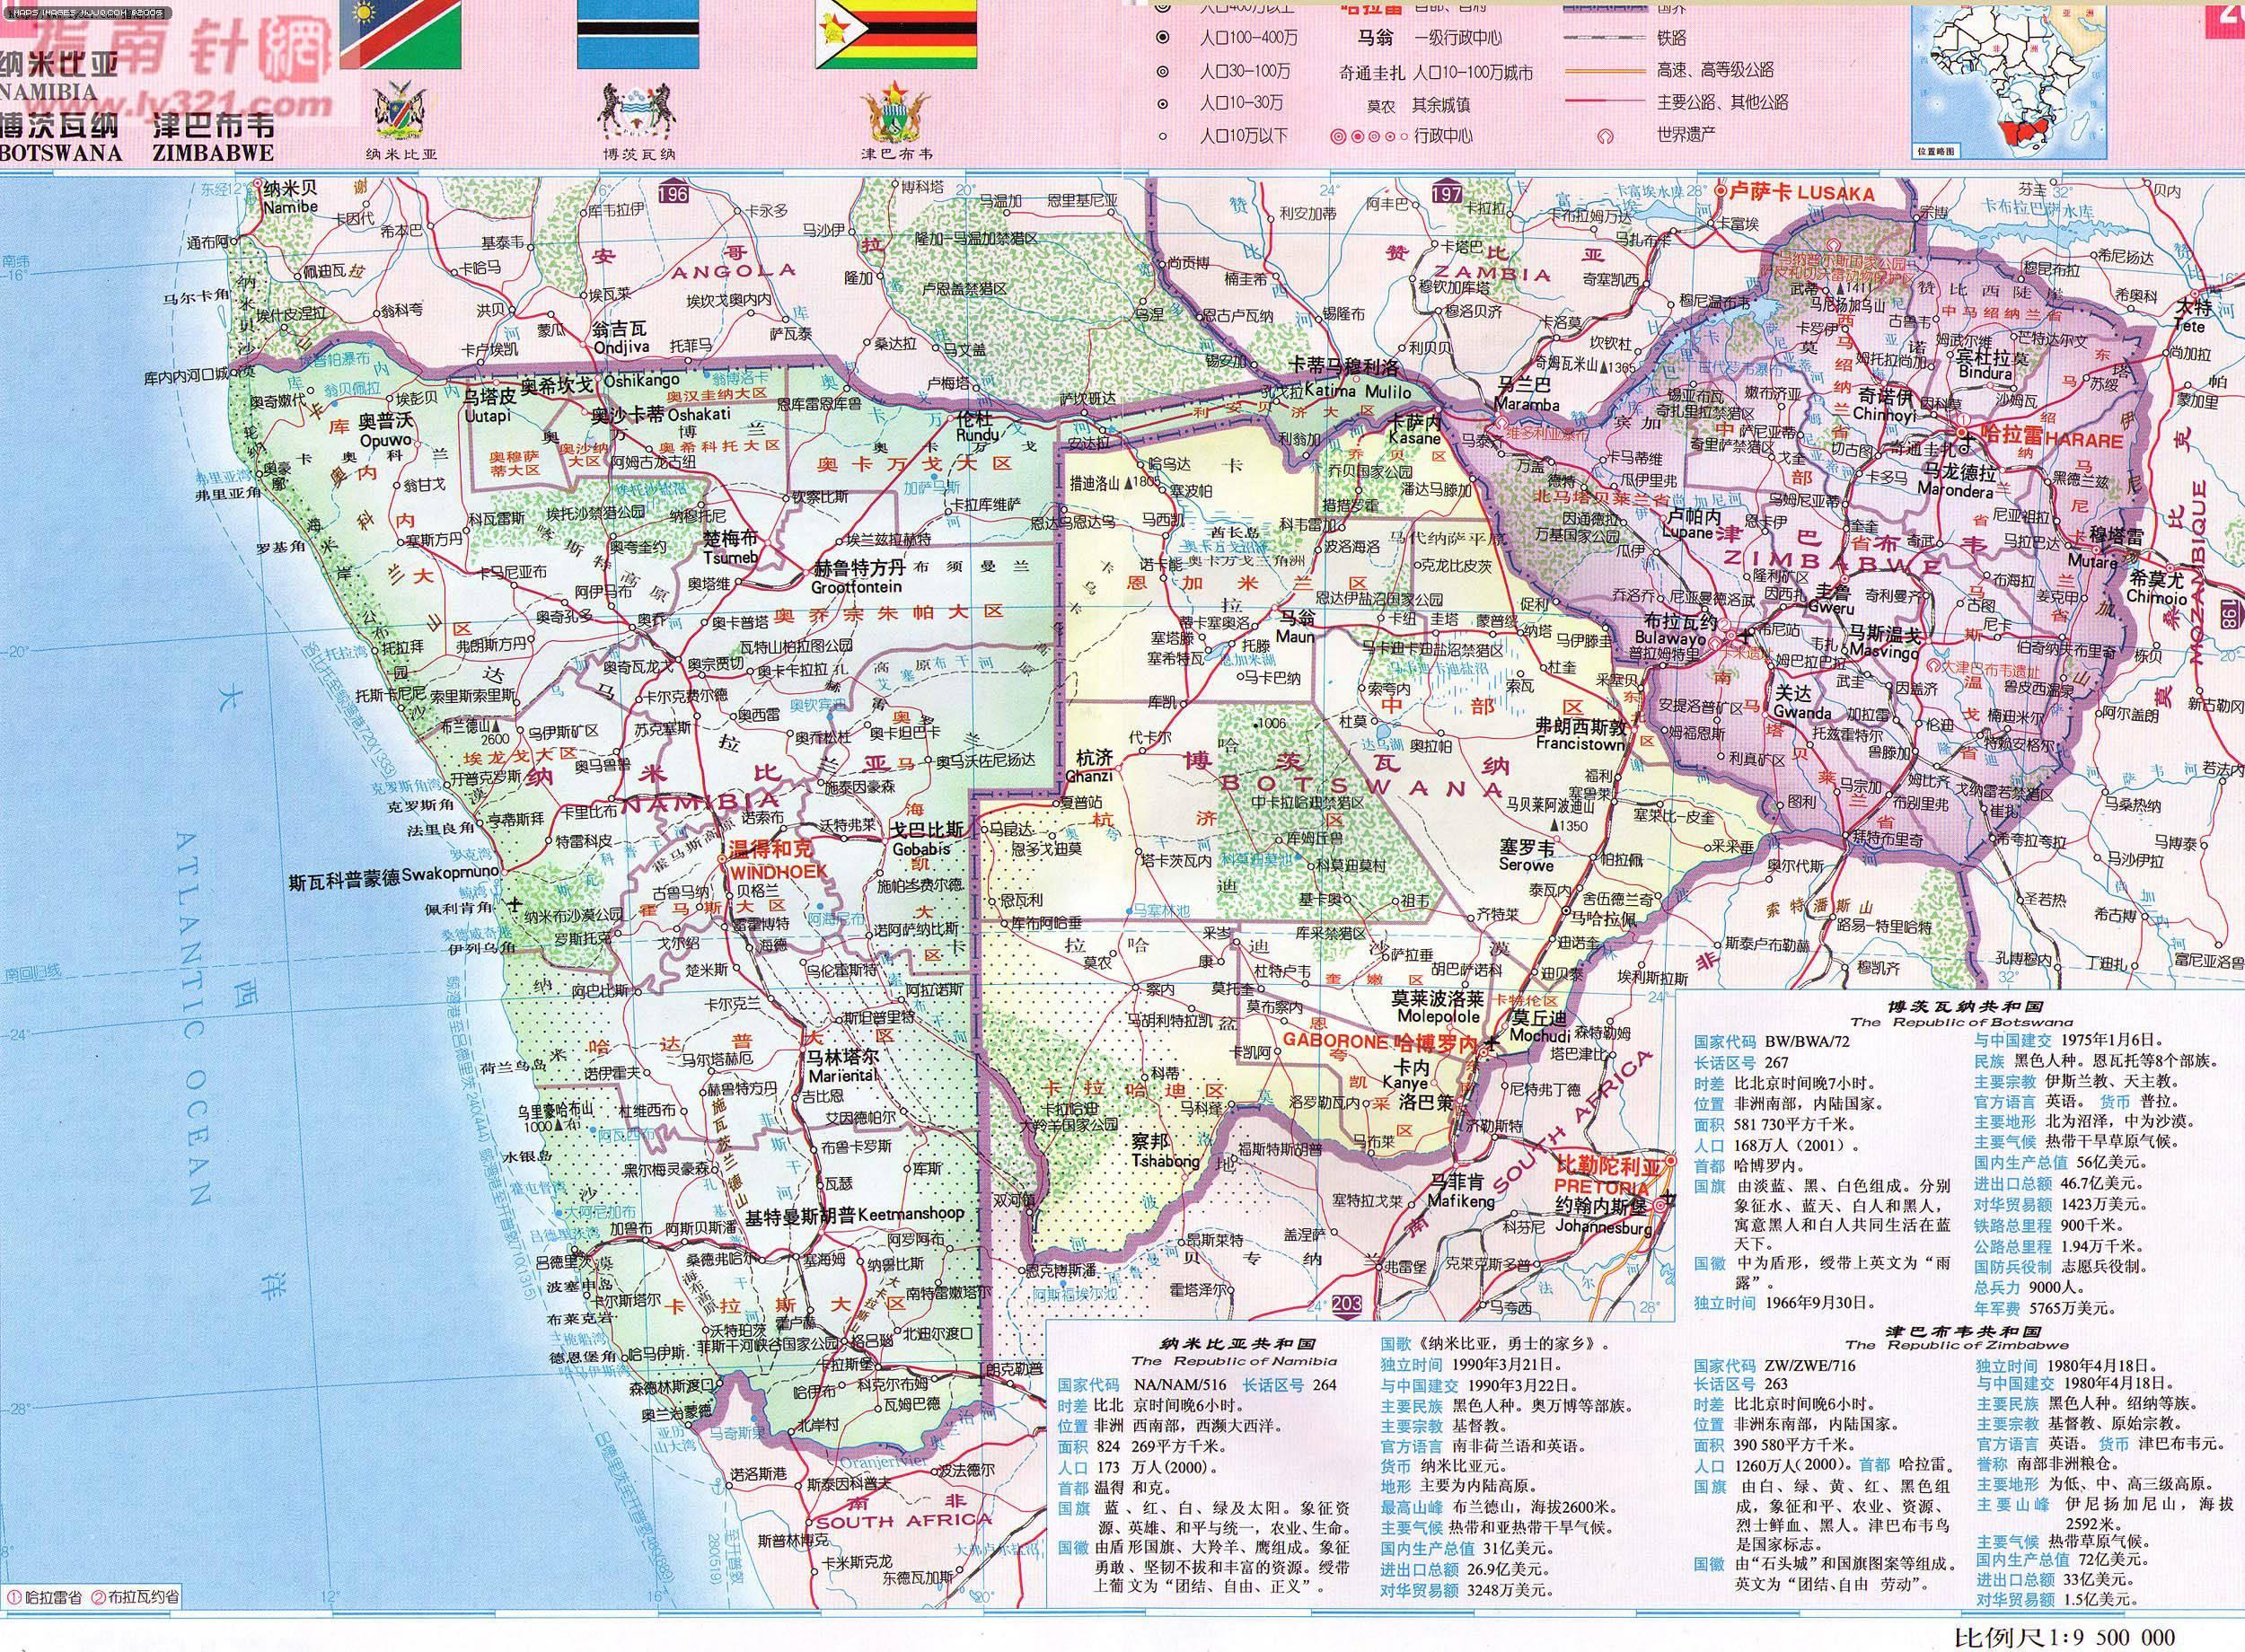 乐山地区地图全图